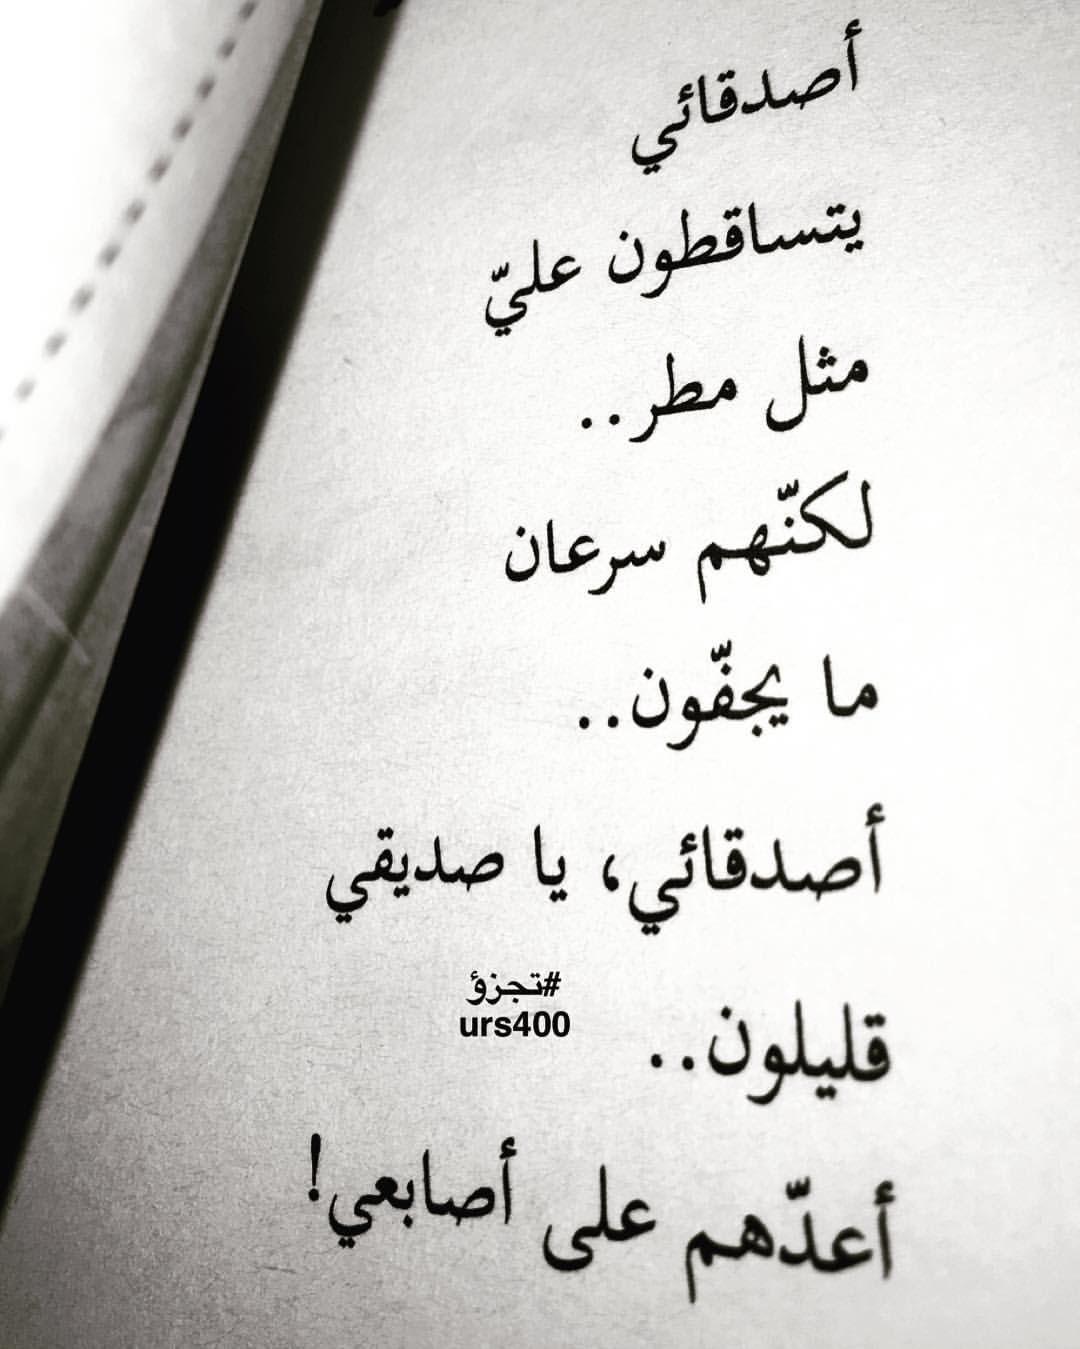 الأصدقاء الحقيقيون هم غذاء ااروح Arabic Quotes Words Life Quotes